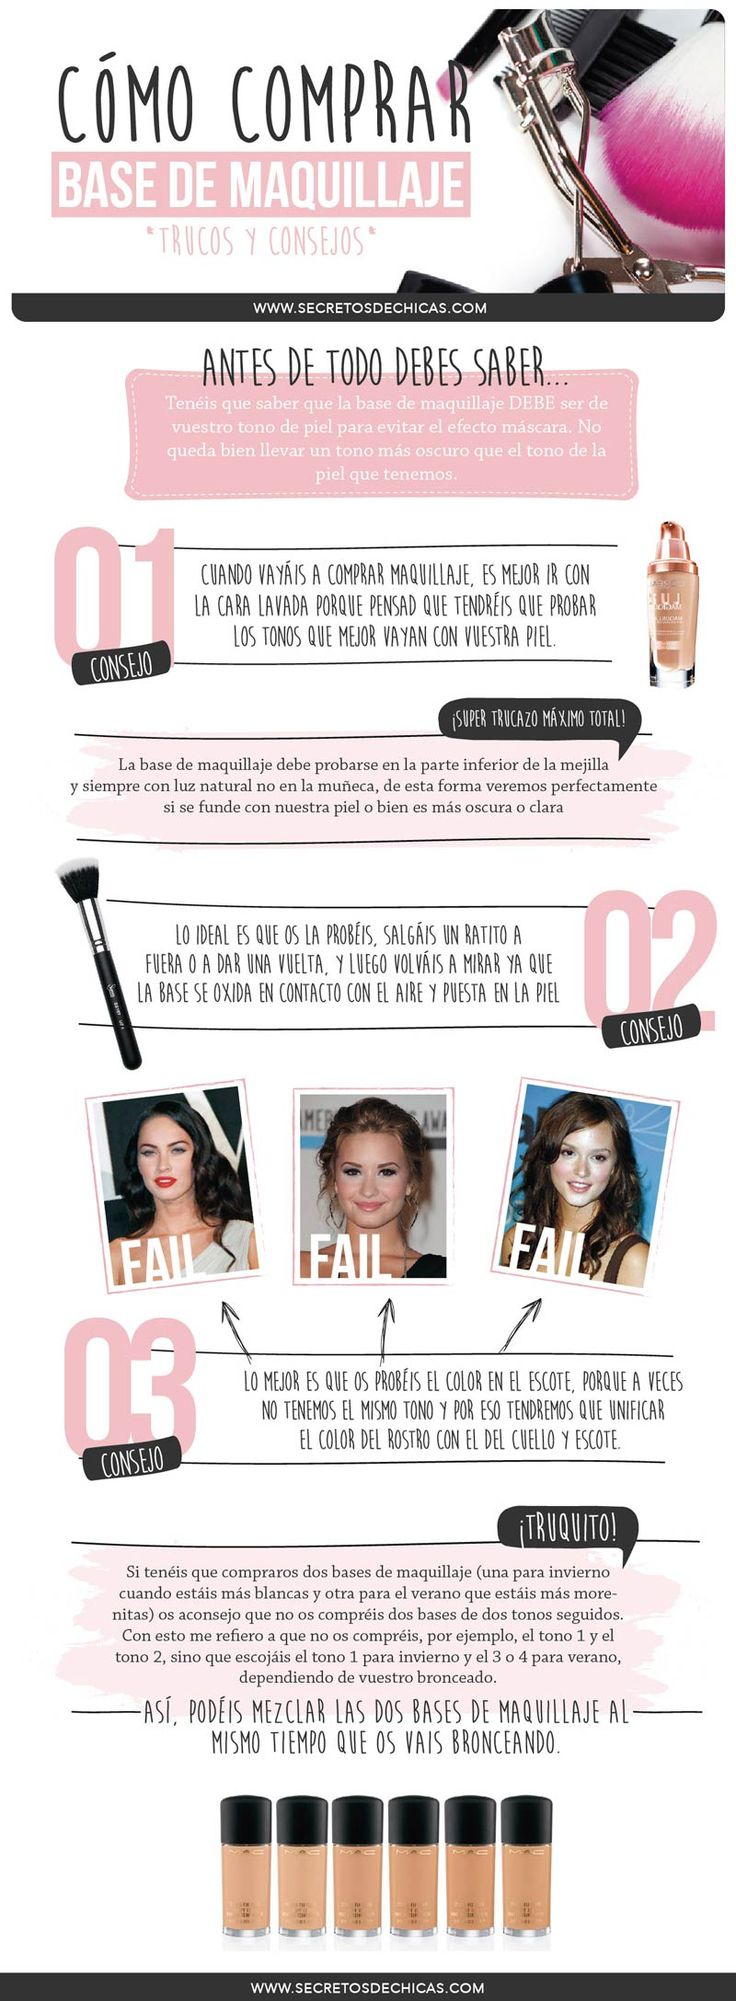 Cómo comprar tu base de maquillaje